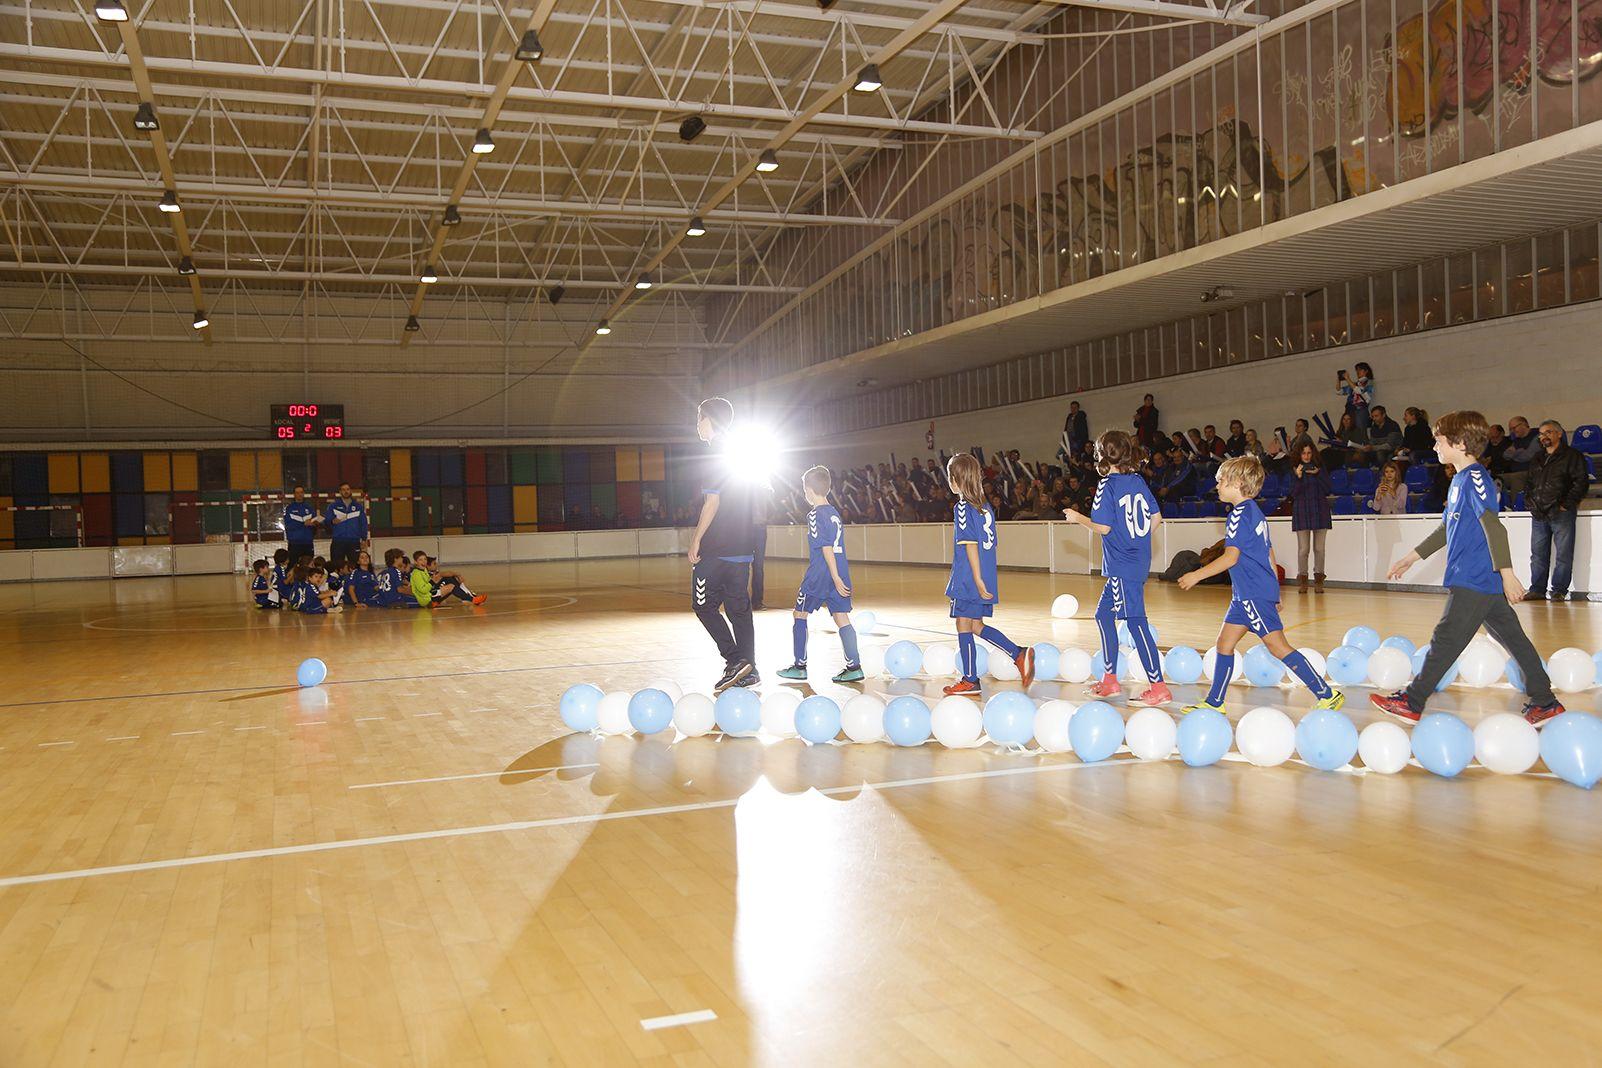 Entrada dels esportistes en la presentació d'equips de l'Olimpyc la Floresta de futbol sala. FOTO: Anna Bassa